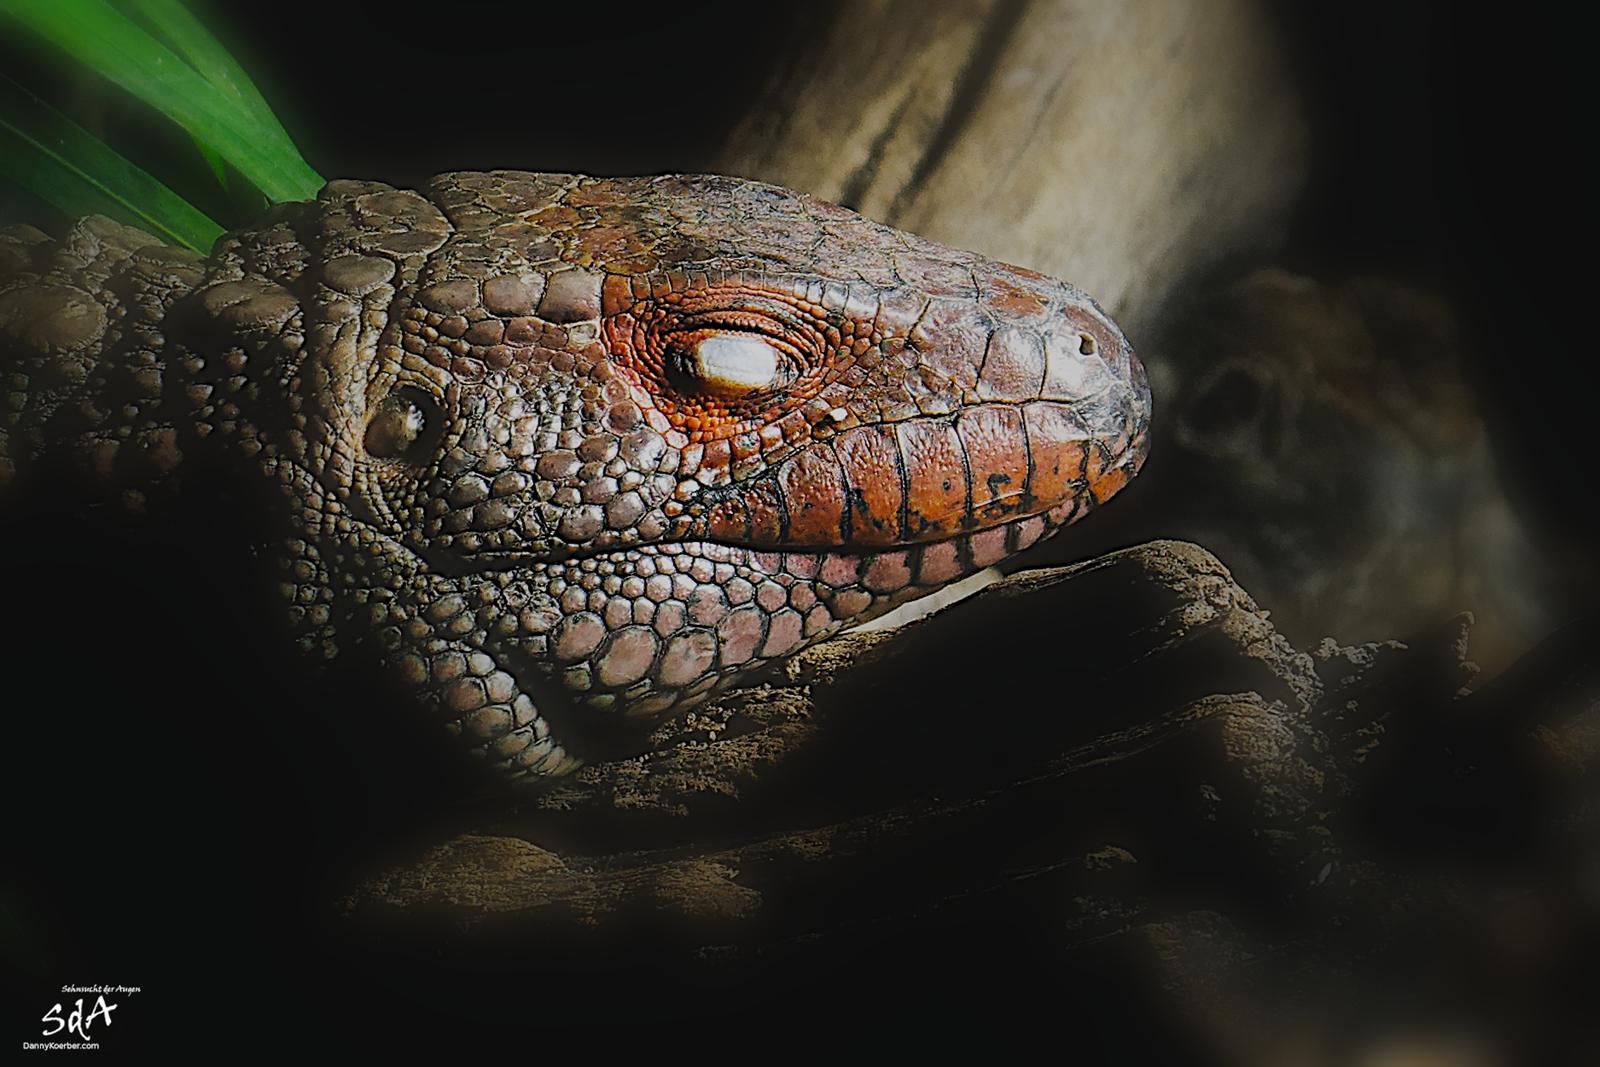 Schlafende Tejus Schienenechse. Reptilien von Danny Koerber fotografiert für Sehnsucht der Augen.